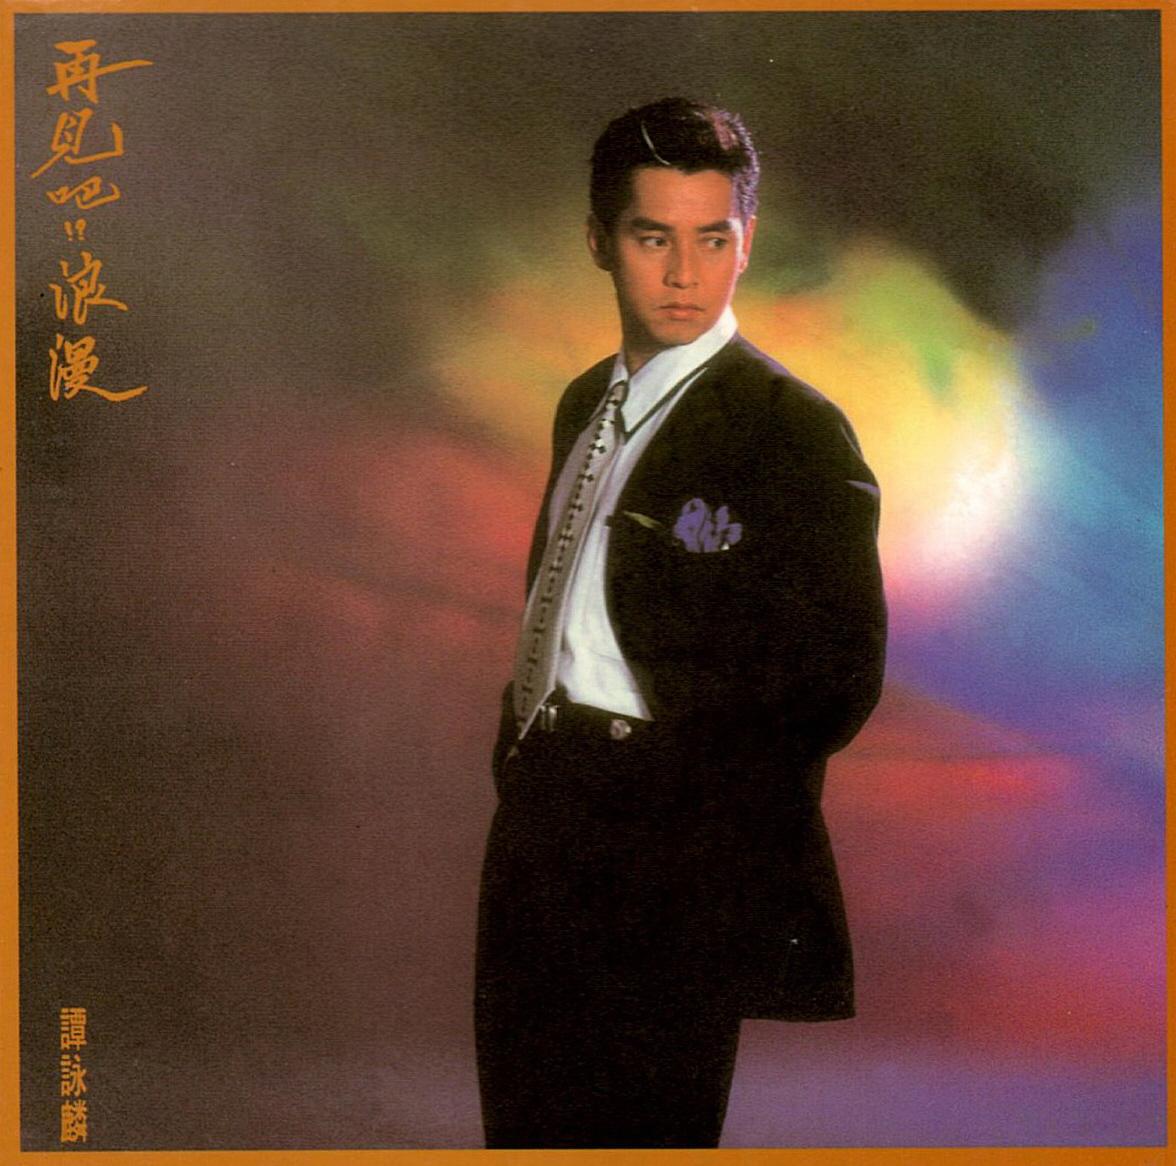 [1987-07-08] 谭咏麟 再见吧 浪漫